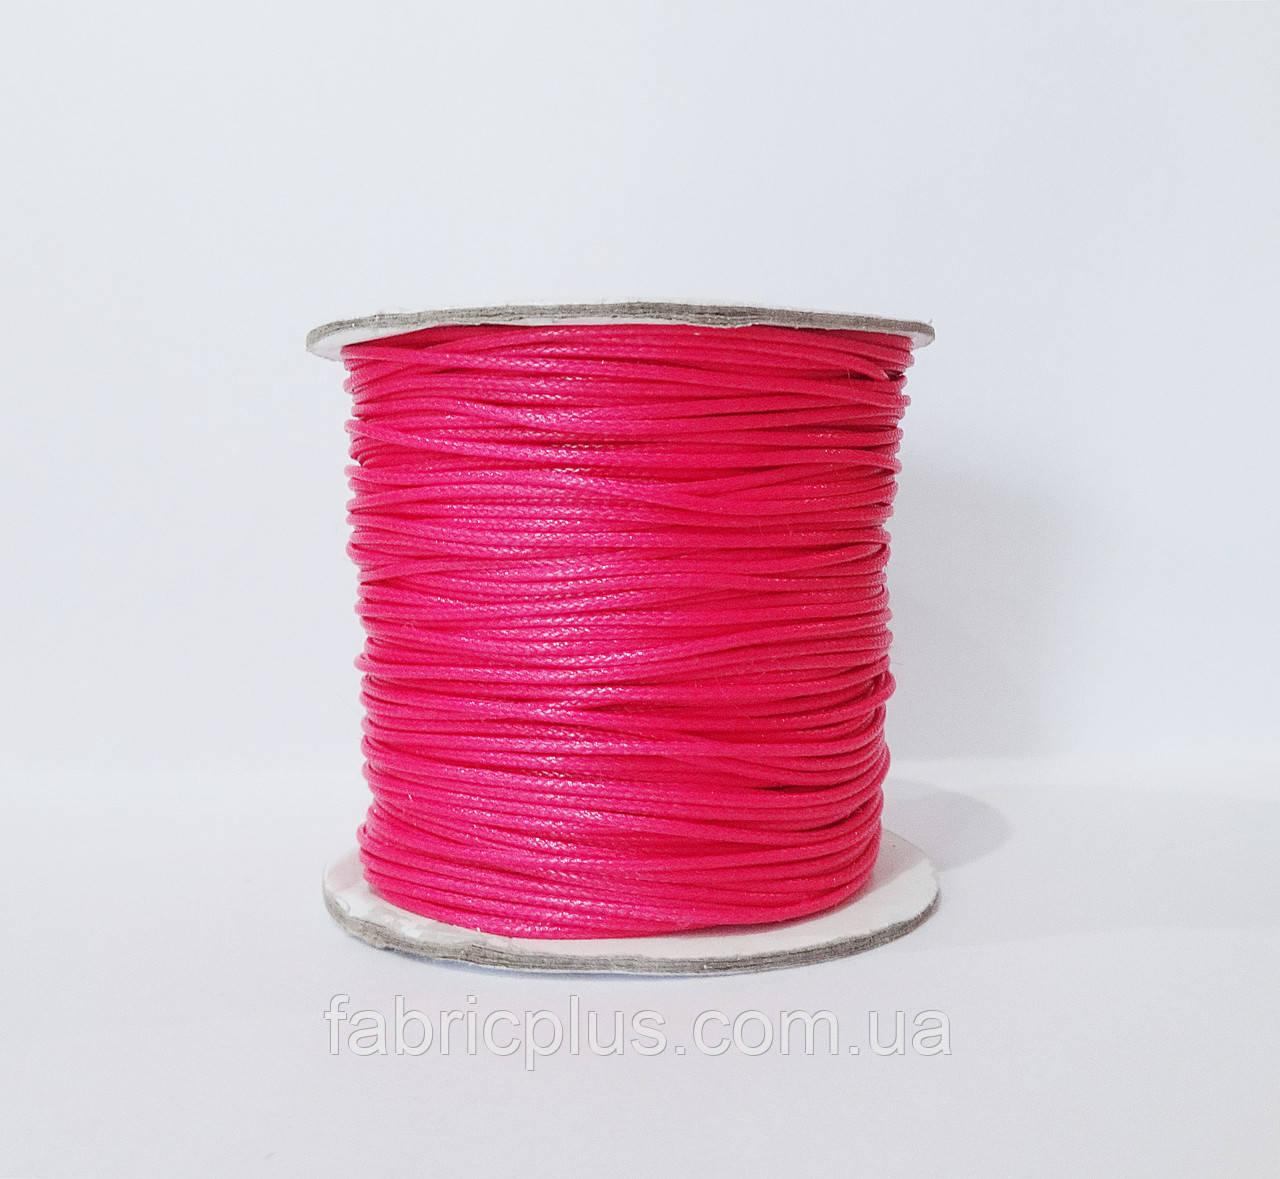 Шнур вощеный 1,5 мм для шамболы, ярко-розовый